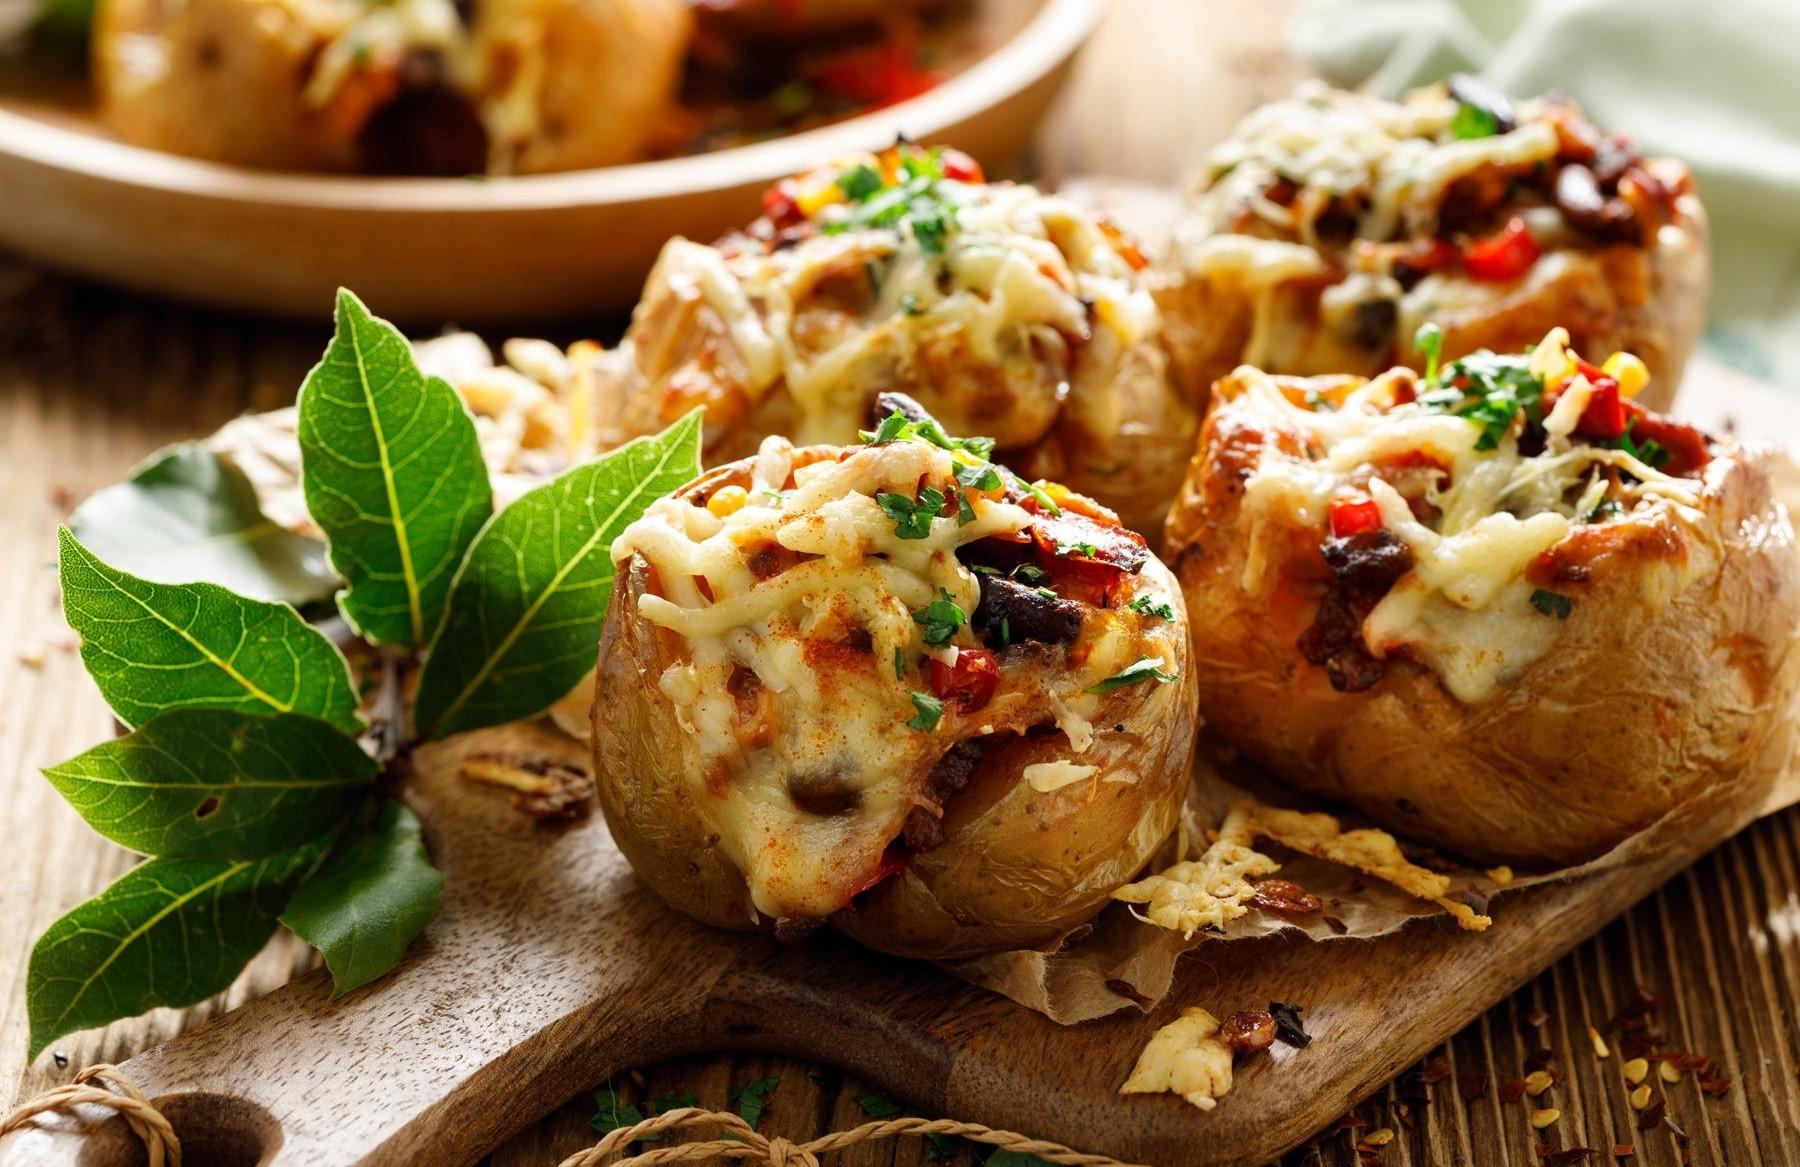 Bild zum Beitrag 'Kumpir: Orientalischer Streetfood-Star'